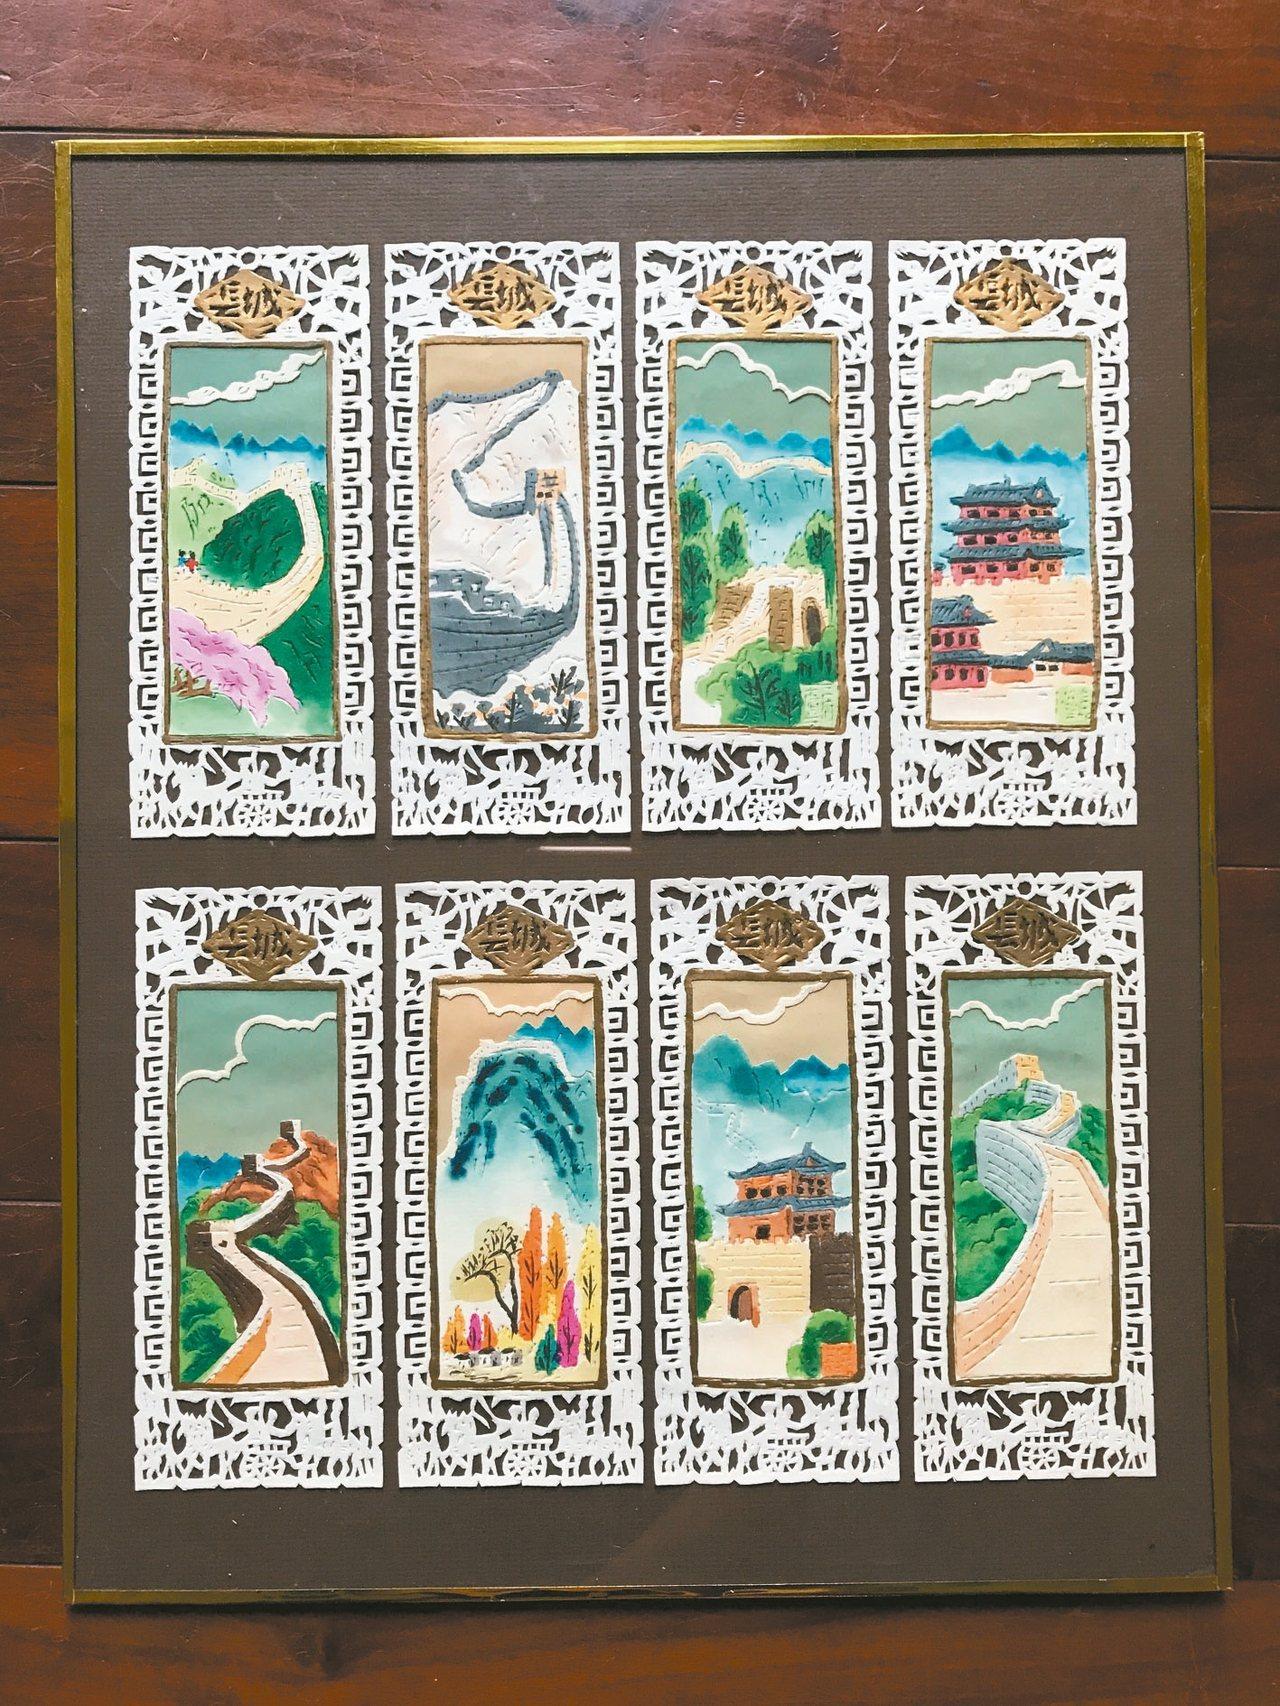 絕版品購自香港,幾已絕版的剪紙書籤。 記者仝澤蓉/攝影